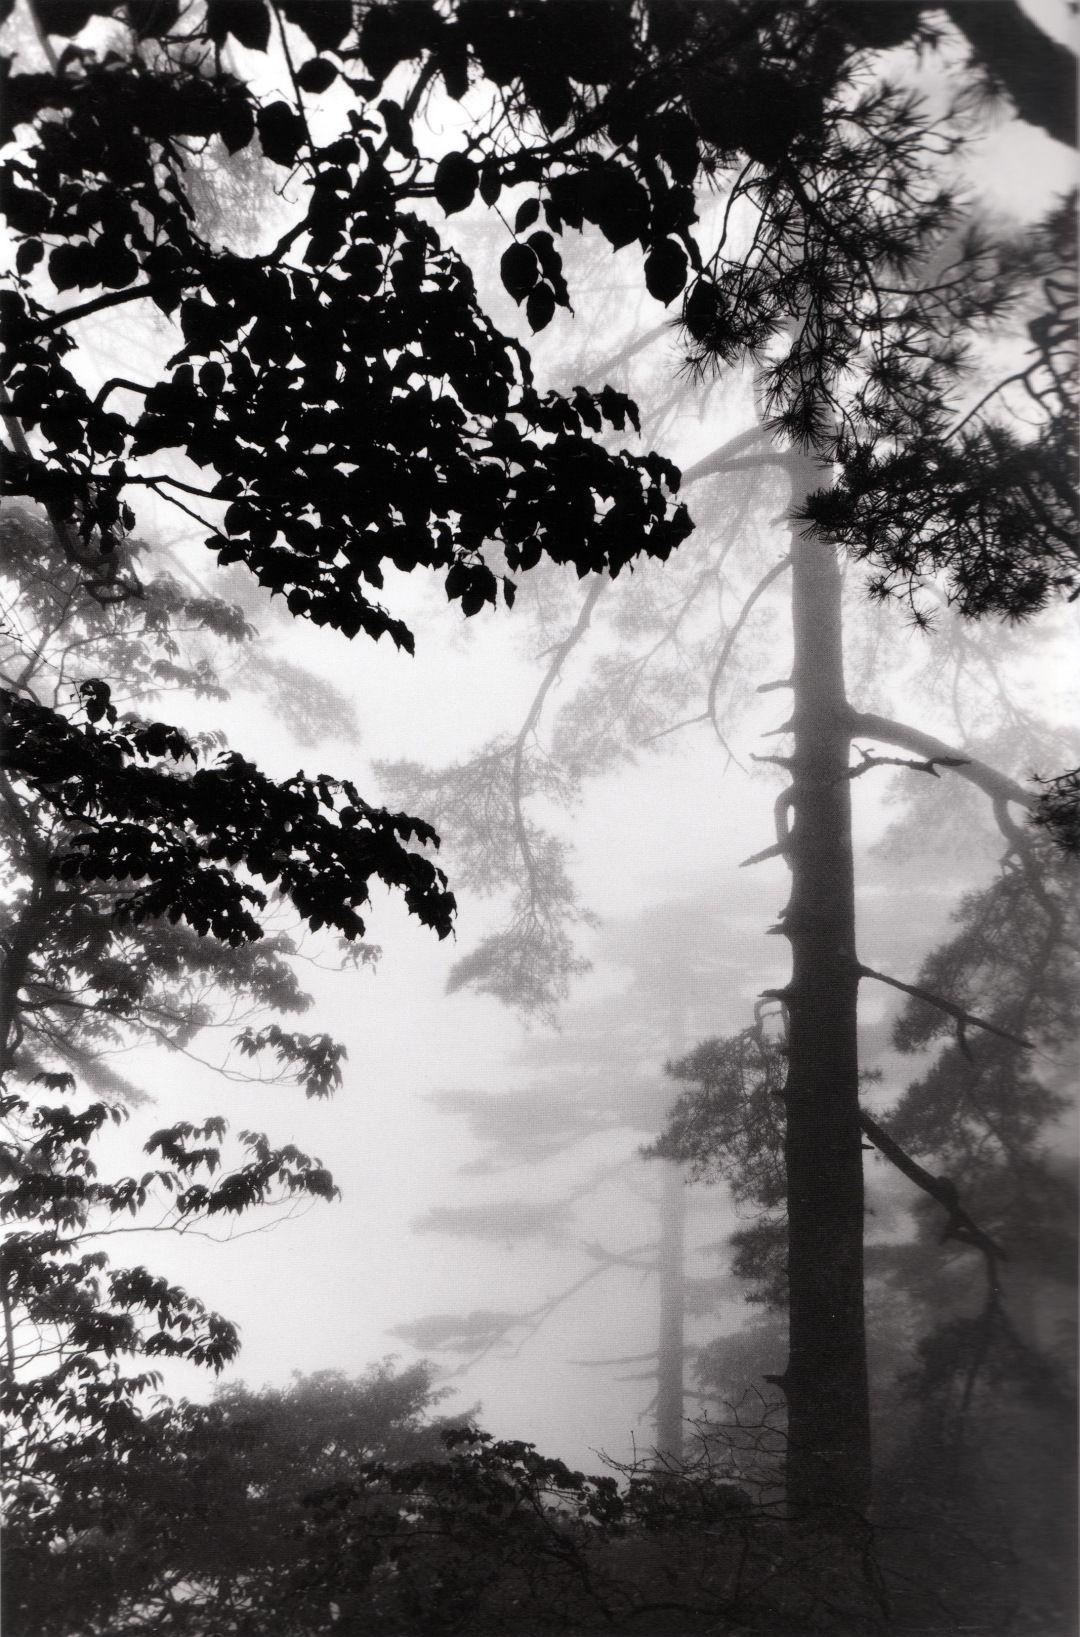 Wang Wusheng. Pine forest in mist, taken at Stone Bamboo Shot Bridge, June 2004, 4 PM